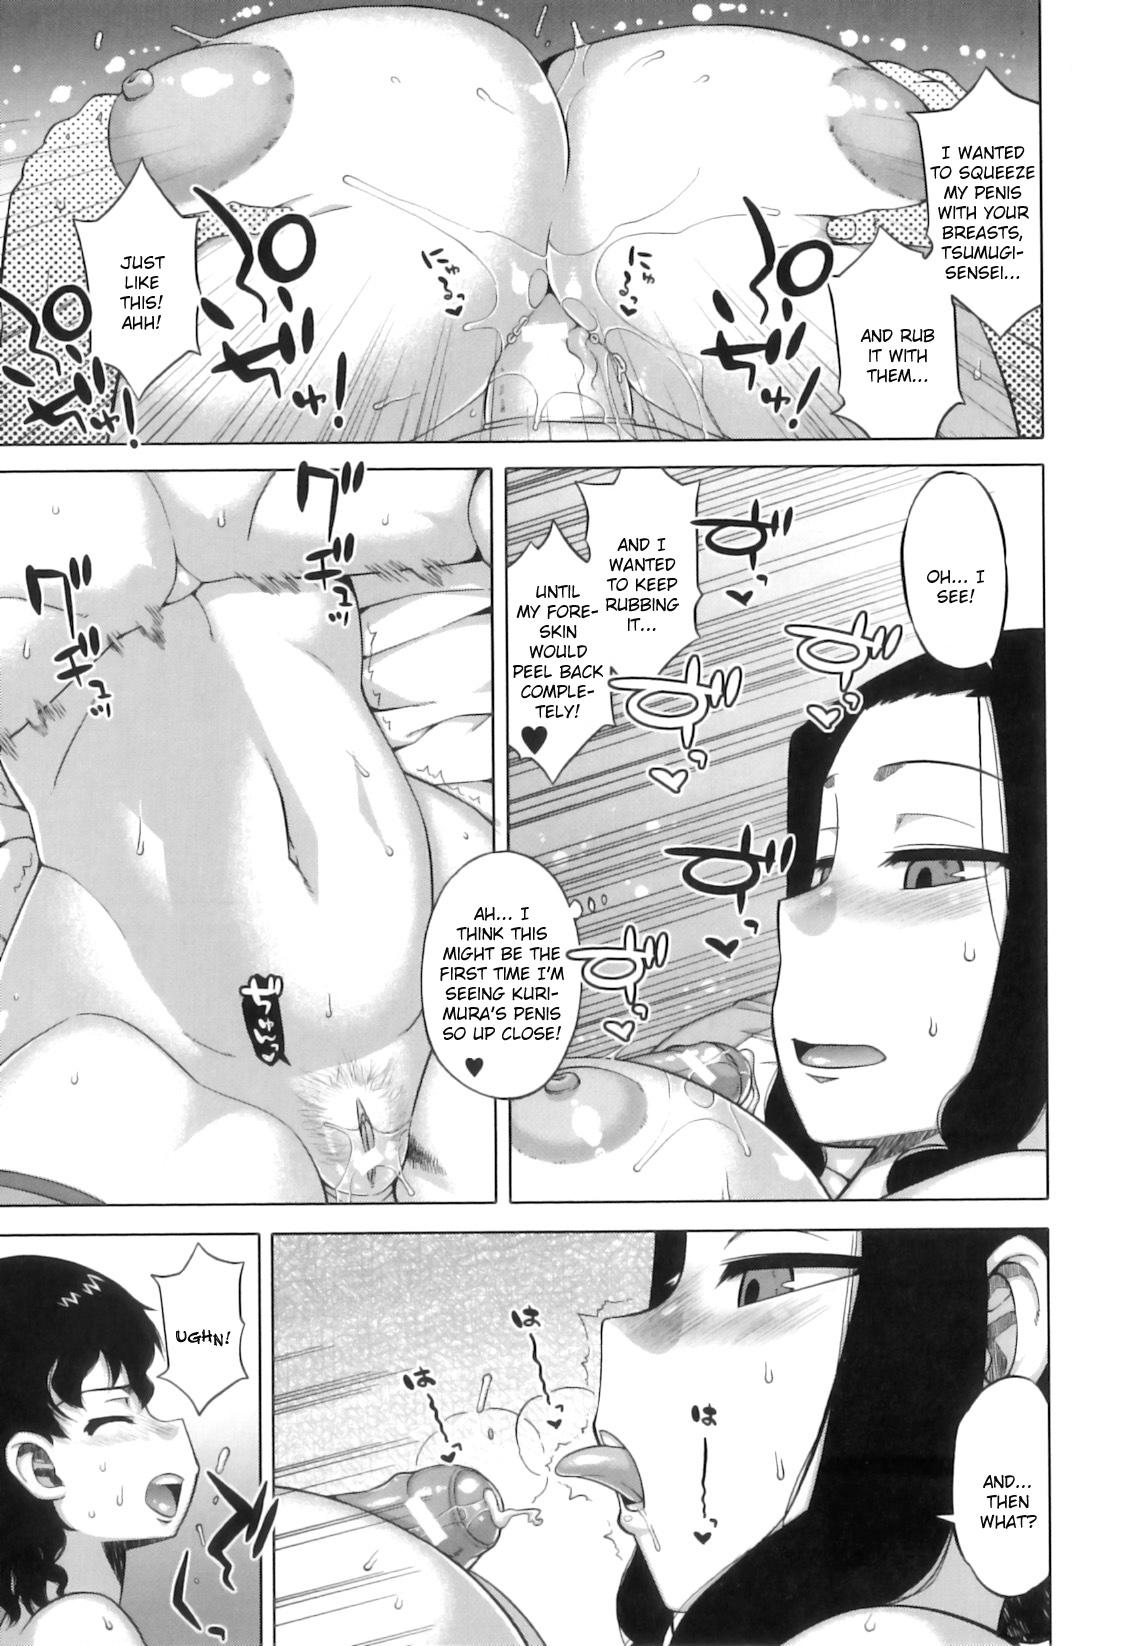 [Takatsu] DH! ~Himorogi Hyaku Yome Gatari~ | Demon-Hentai! - Shrine of One Hundred Wives [English] {doujin-moe.us} 204